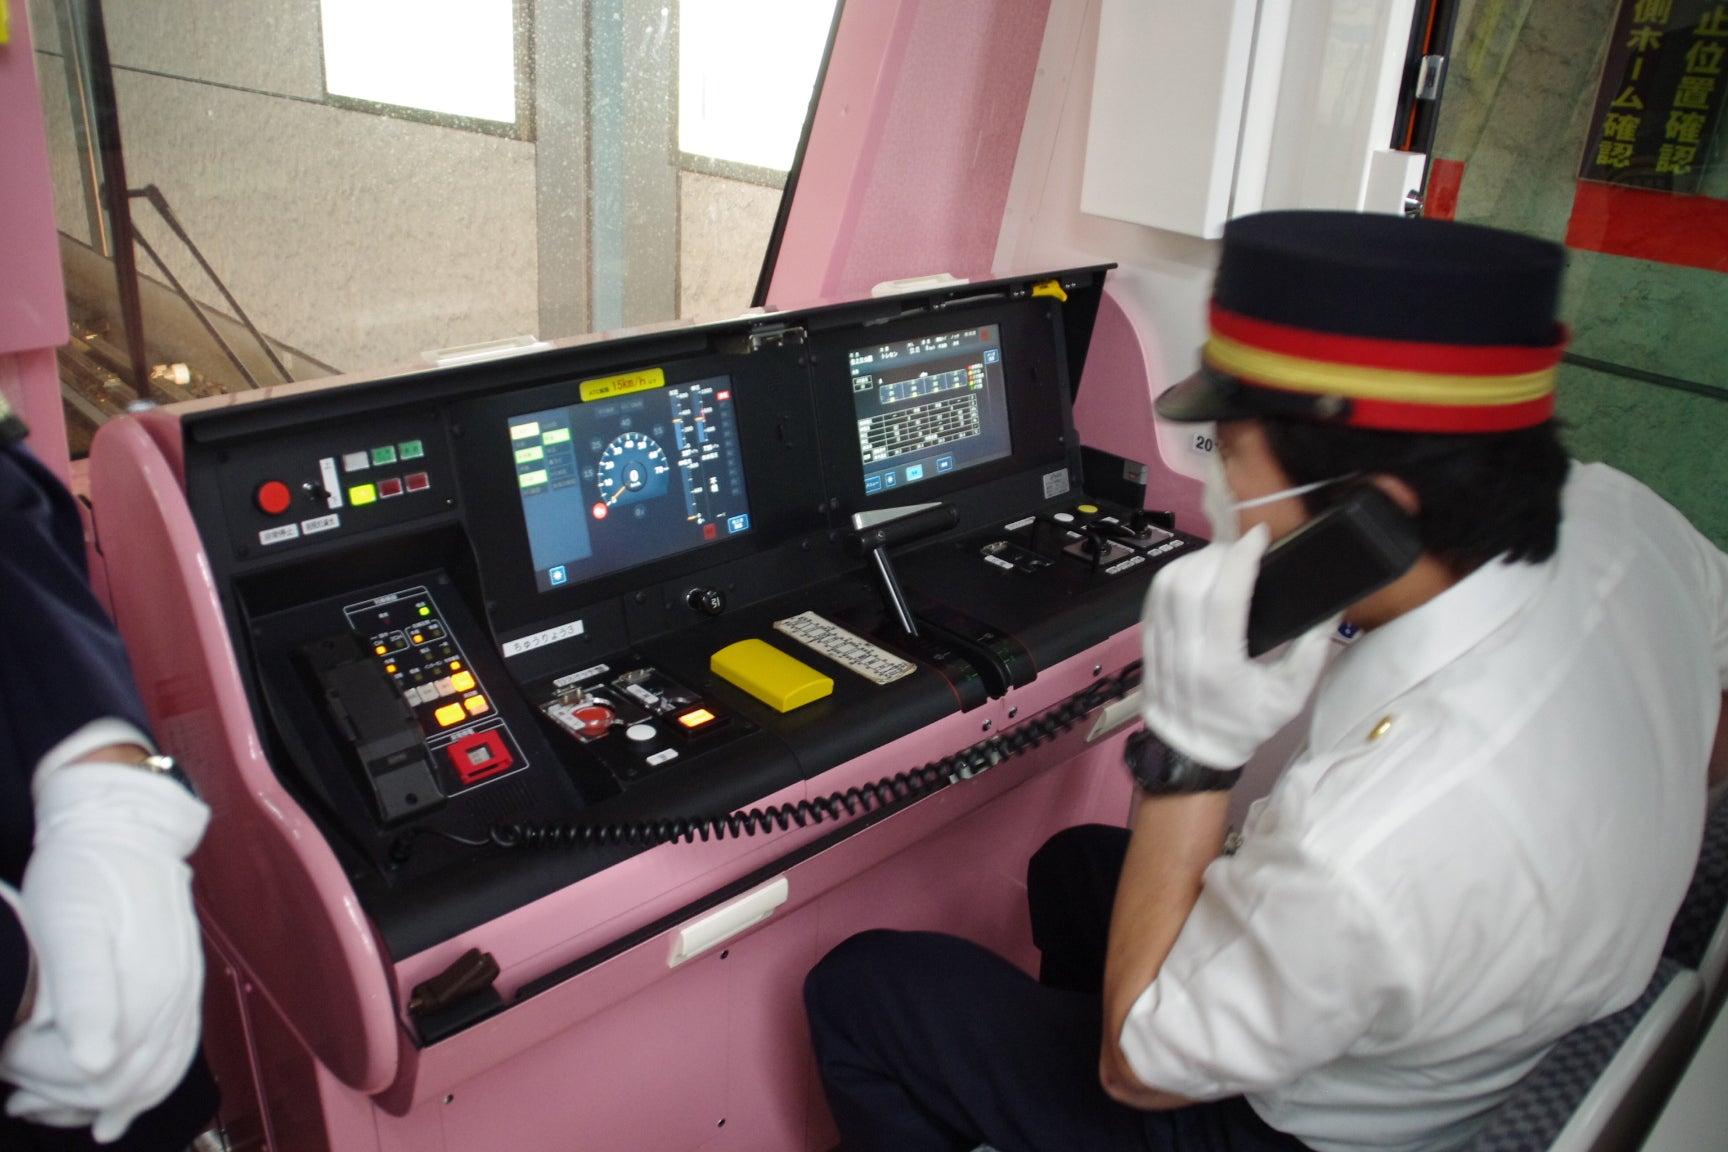 大阪市交通局「ニュートラム」有人手動訓練運転に遭遇 | ふな ...